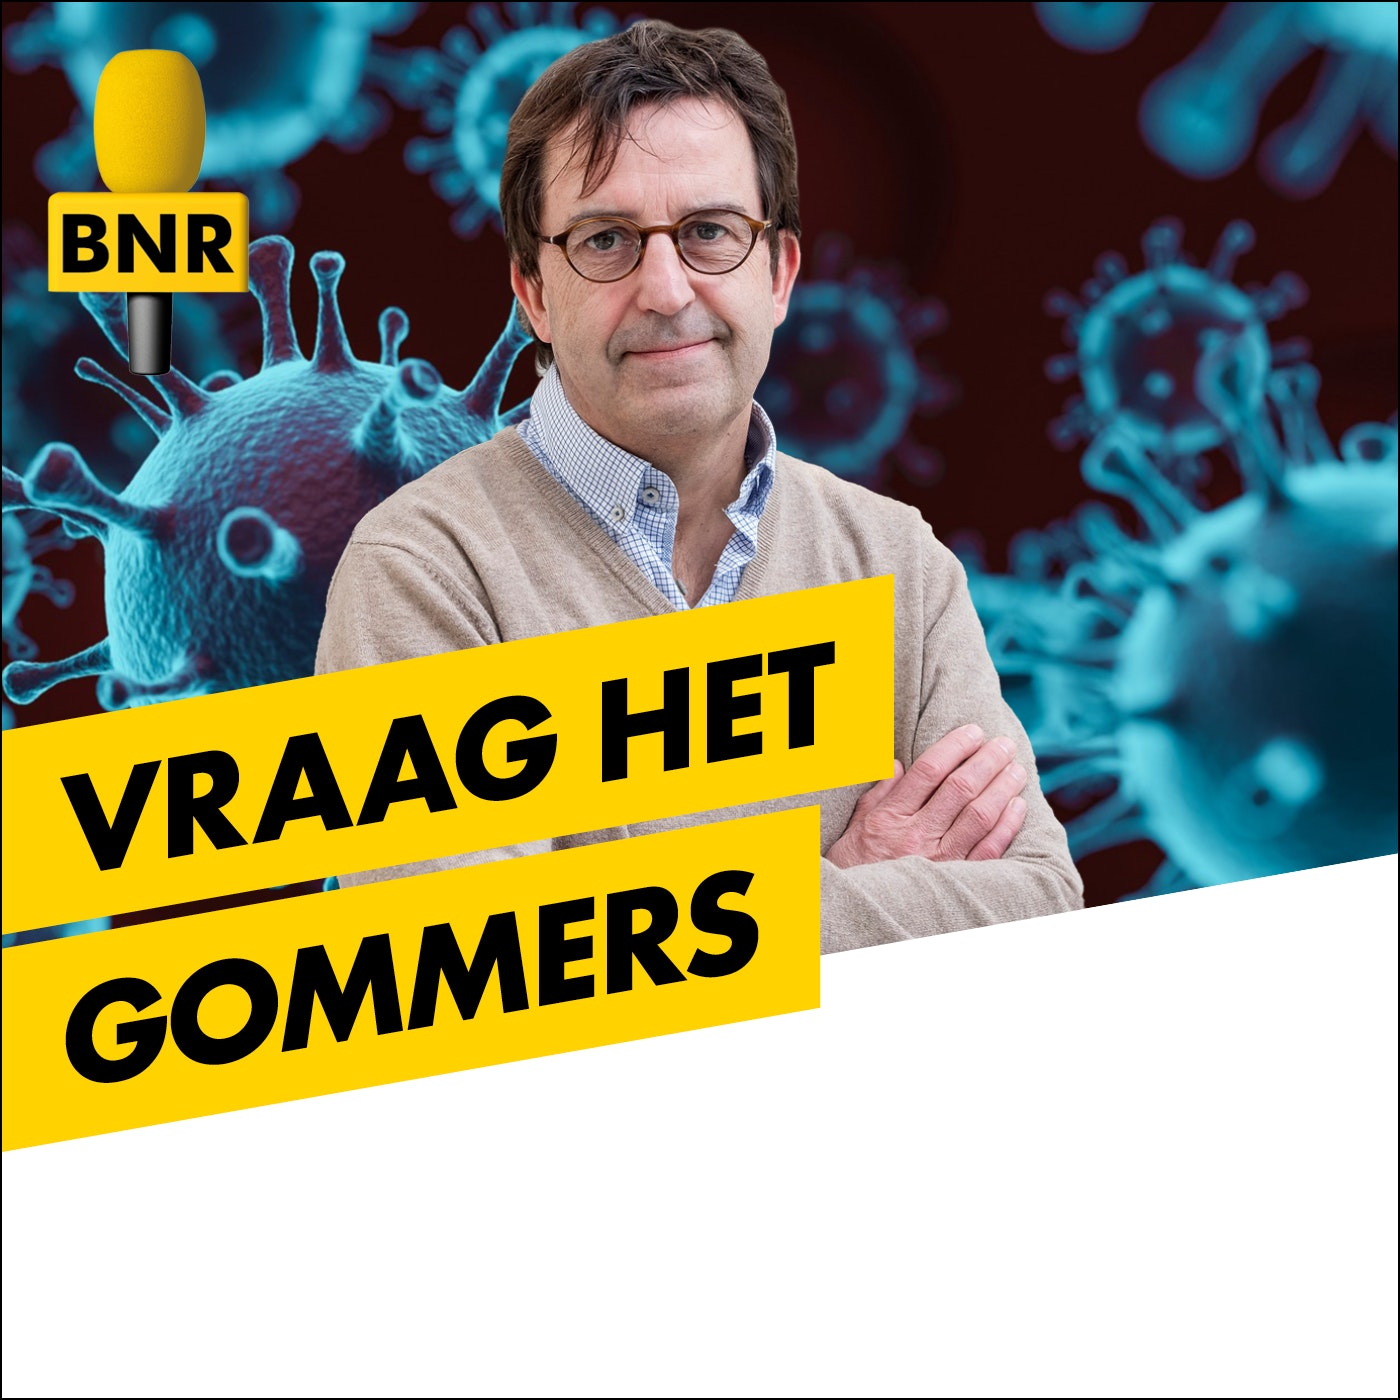 Vraag het Gommers | BNR logo